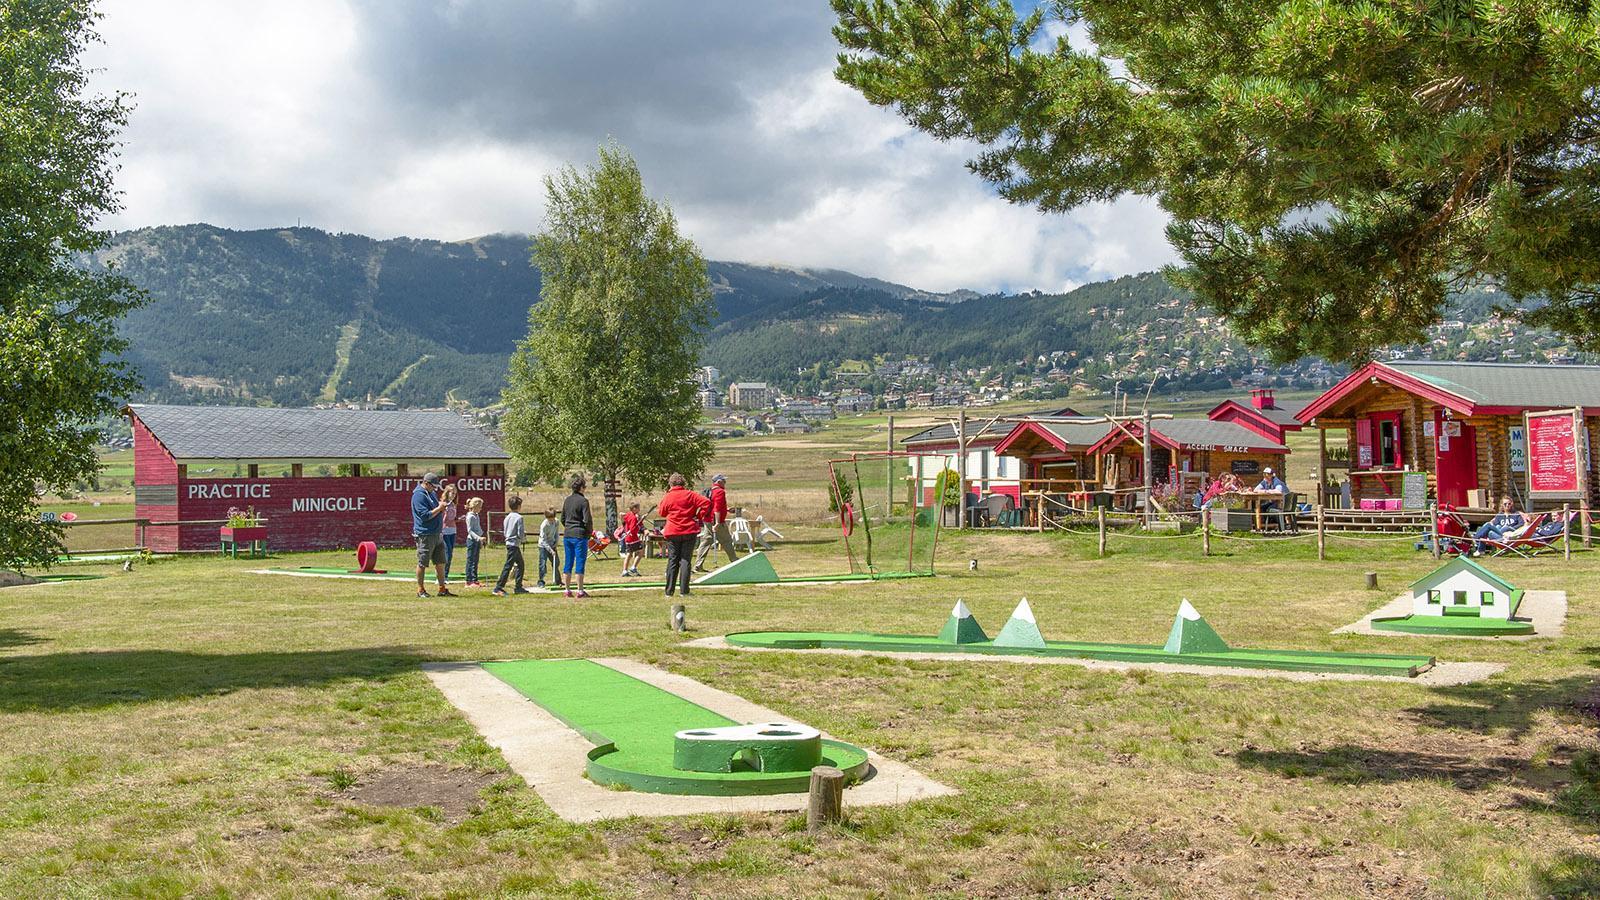 Capcir: Auch Minigolf gehört zur Freizeitanlage am Lac de Matemale. Foto: Hilke Maunder